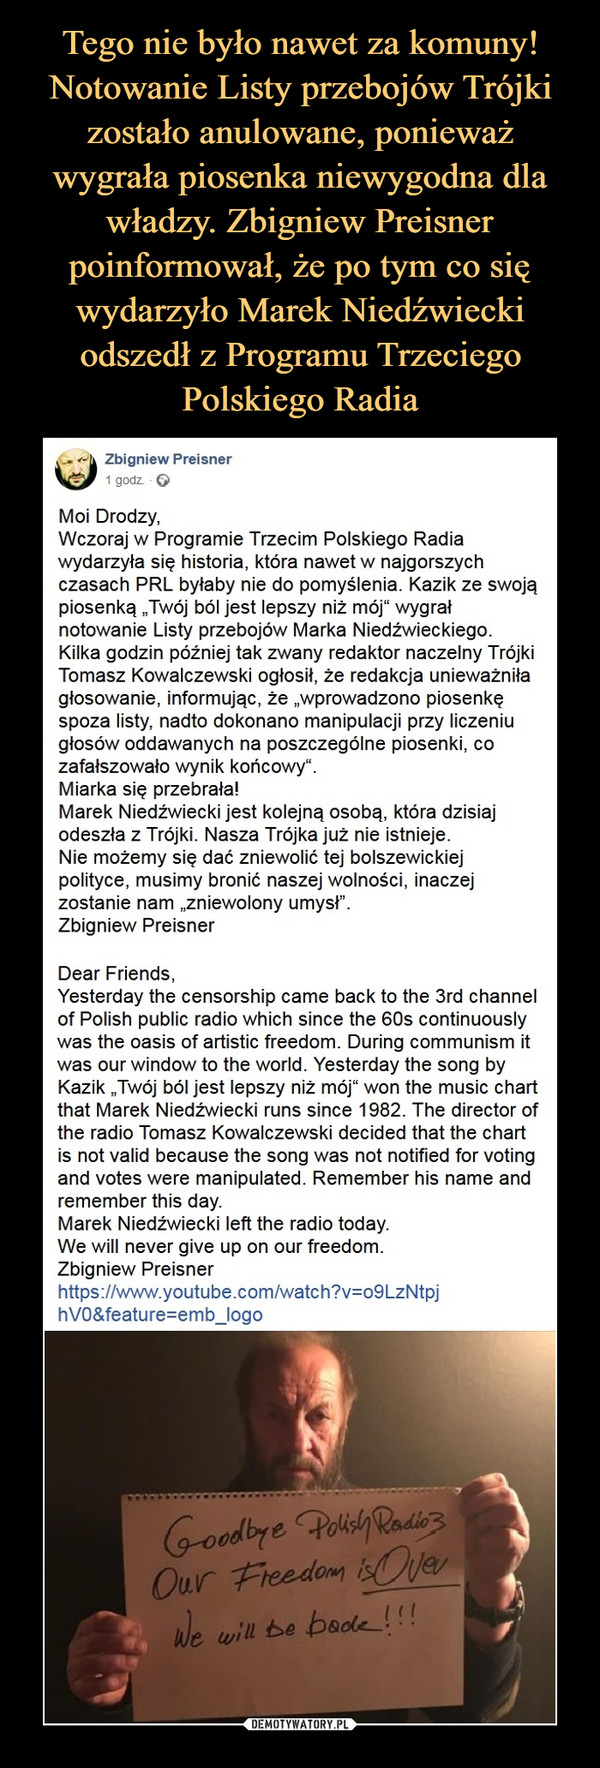 """–  Zbigniew Preisner1 godz. ·Moi Drodzy,Wczoraj w Programie Trzecim Polskiego Radia wydarzyła się historia, która nawet w najgorszych czasach PRL byłaby nie do pomyślenia. Kazik ze swoją piosenką """"Twój ból jest lepszy niż mój"""" wygrał notowanie Listy przebojów Marka Niedźwieckiego. Kilka godzin później tak zwany redaktor naczelny Trójki Tomasz Kowalczewski ogłosił, że redakcja unieważniła głosowanie, informując, że """"wprowadzono piosenkę spoza listy, nadto dokonano manipulacji przy liczeniu głosów oddawanych na poszczególne piosenki, co zafałszowało wynik końcowy"""".Miarka się przebrała!Marek Niedźwiecki jest kolejną osobą, która dzisiaj odeszła z Trójki. Nasza Trójka już nie istnieje.Nie możemy się dać zniewolić tej bolszewickiej polityce, musimy bronić naszej wolności, inaczej zostanie nam """"zniewolony umysł"""".Zbigniew PreisnerDear Friends,Yesterday the censorship came back to the 3rd channel of Polish public radio which since the 60s continuously was the oasis of artistic freedom. During communism it was our window to the world. Yesterday the song by Kazik """"Twój ból jest lepszy niż mój"""" won the music chart that Marek Niedźwiecki runs since 1982. The director of the radio Tomasz Kowalczewski decided that the chart is not valid because the song was not notified for voting and votes were manipulated. Remember his name and remember this day.Marek Niedźwiecki left the radio today.We will never give up on our freedom.Zbigniew Preisnerhttps://www.youtube.com/watch?v=o9LzNtpjhV0&feature=emb_logo"""